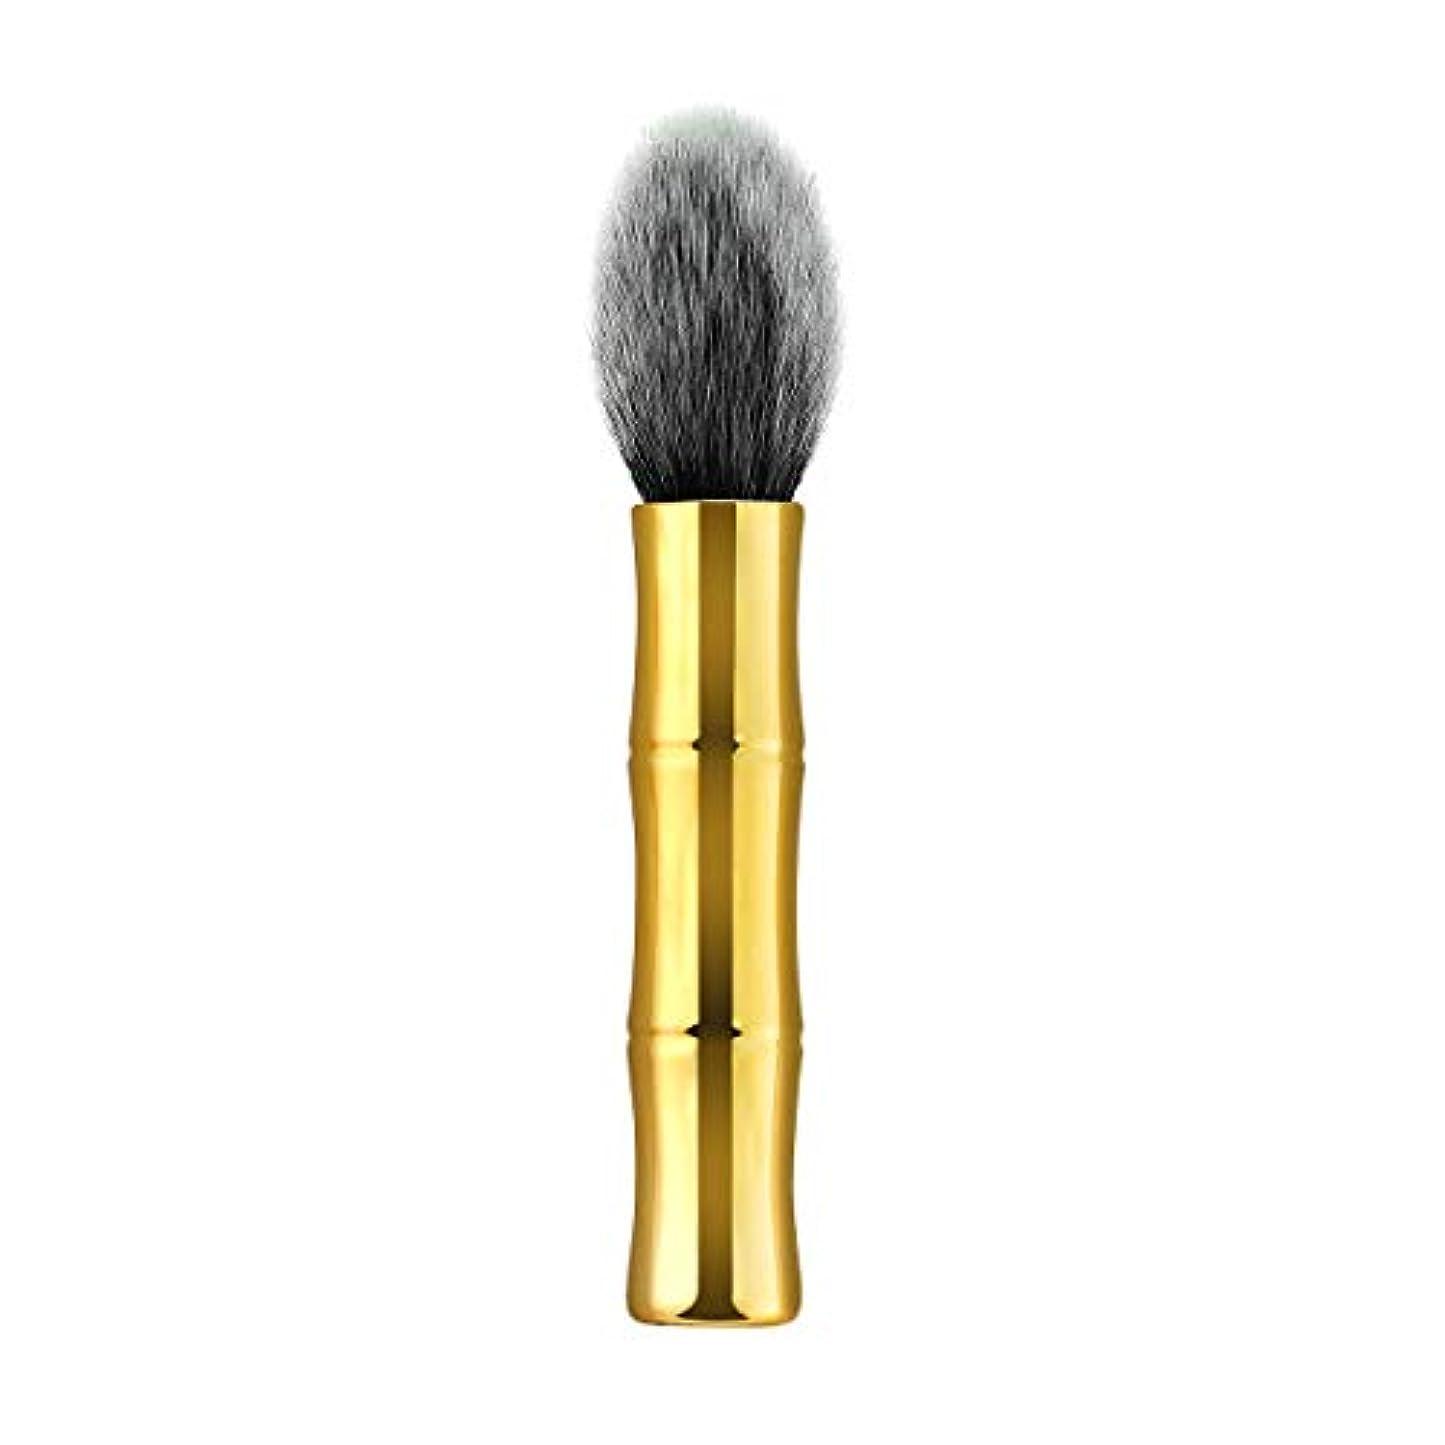 常習的人間の頭の上Lurrose 女性のためのソフトナイロン剛毛化粧ブラシ化粧品パウダーブラッシュブラシ(TM-104)を処理します。